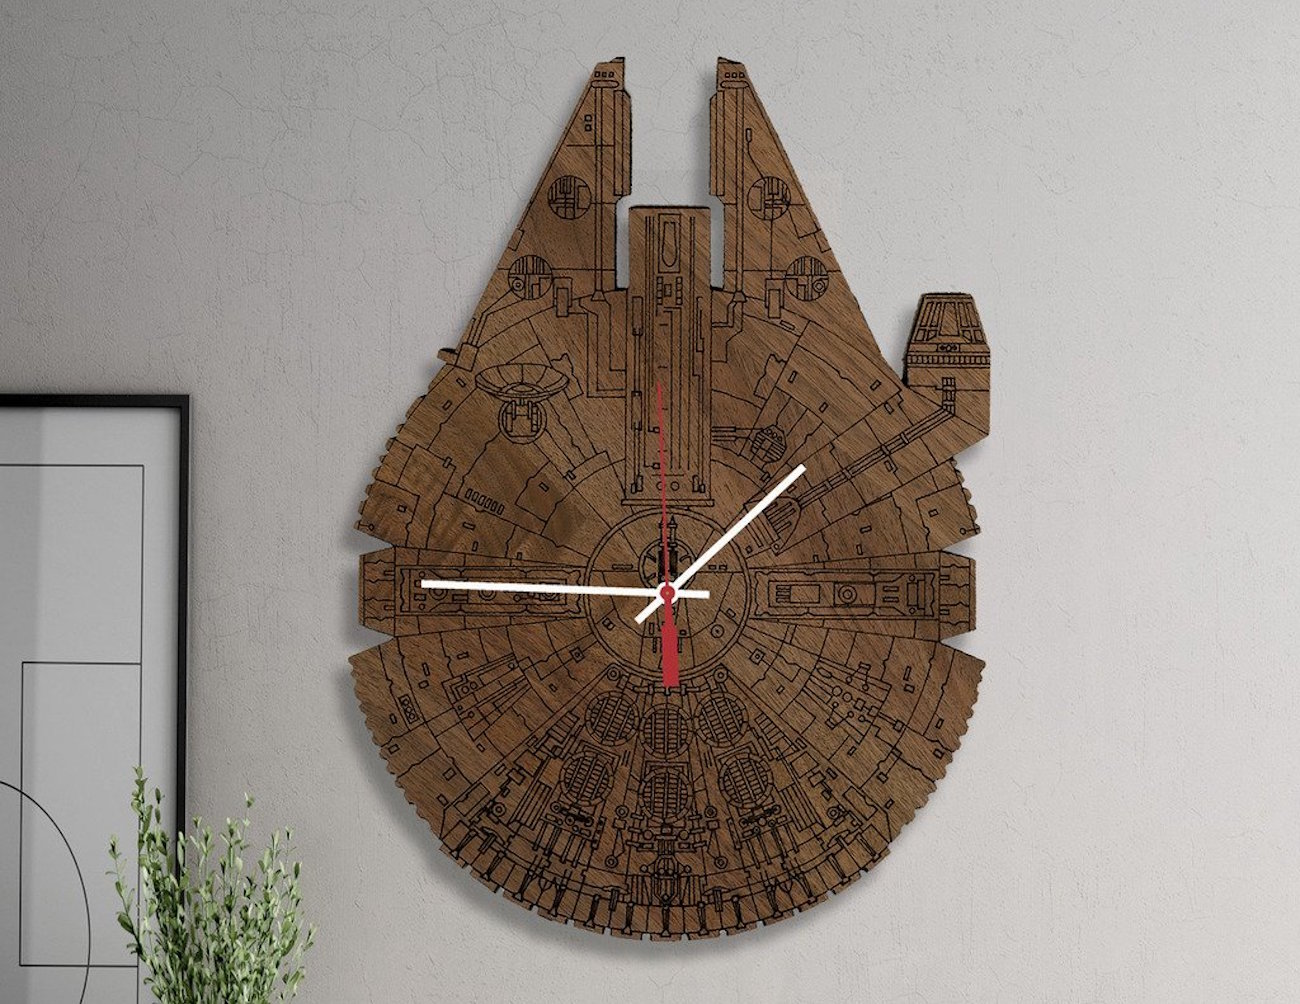 star-wars-millennium-falcon-wood-wall-clock-01